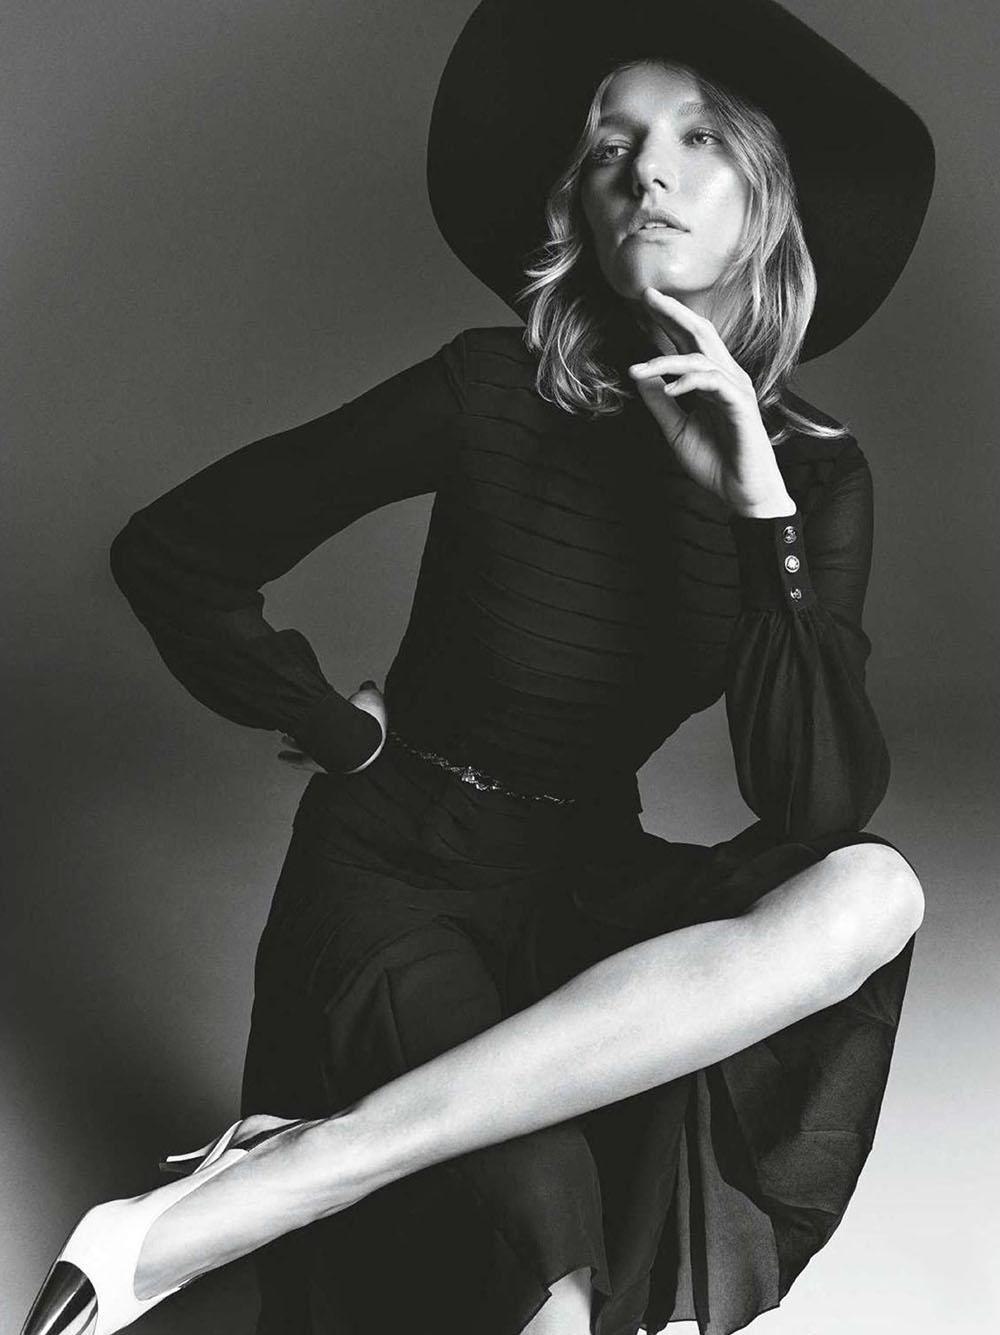 Marique Schimmel by Tom Schirmacher for Elle France September 25th, 2020